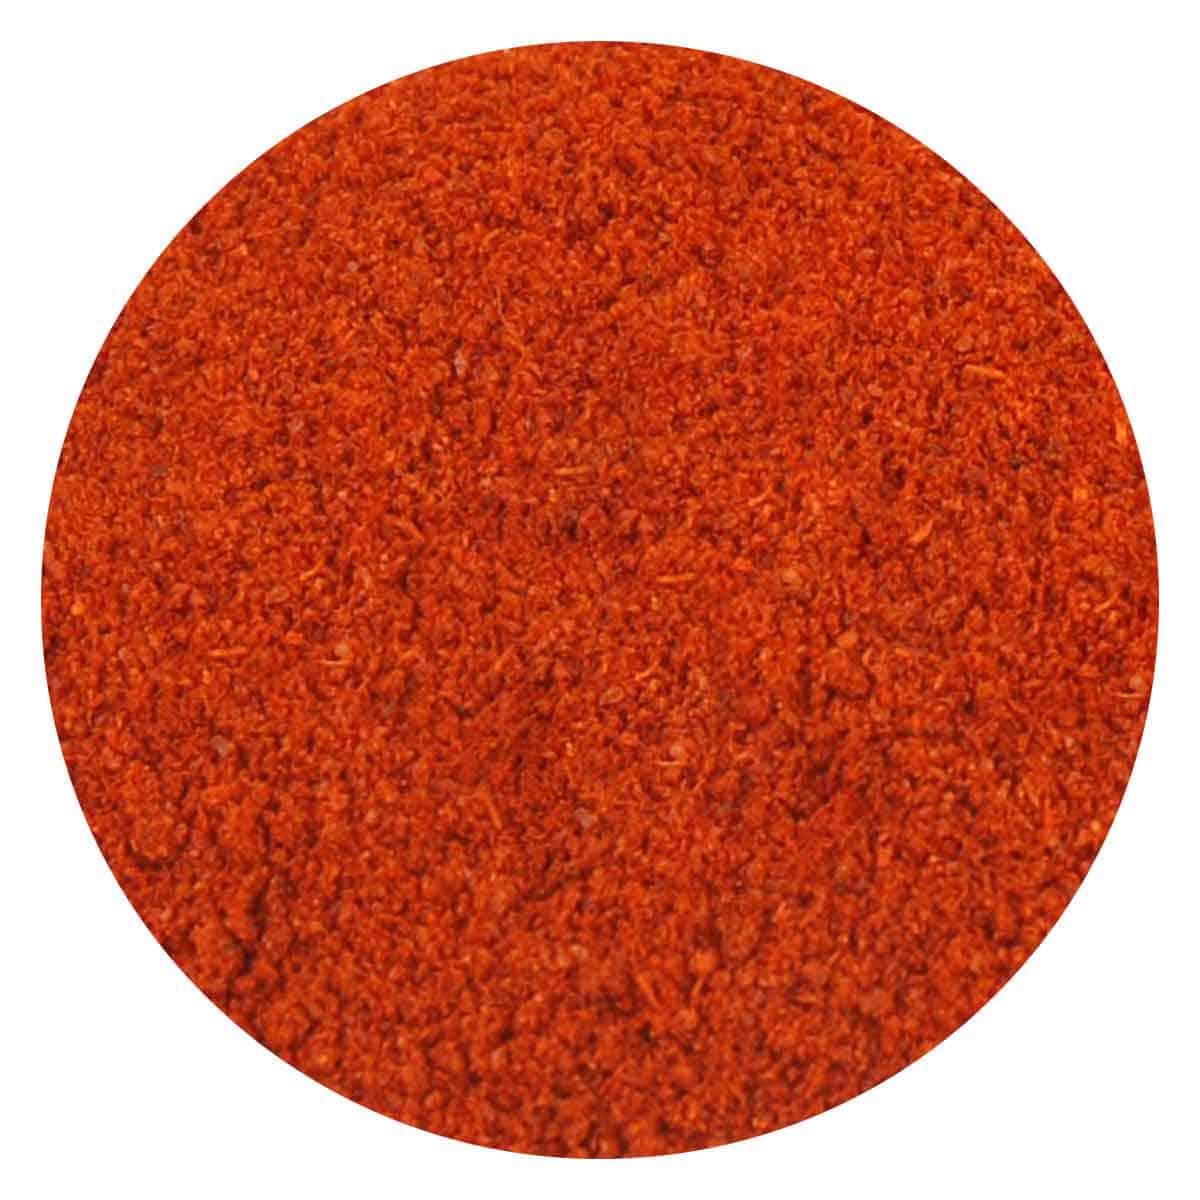 Buy IAG Foods Guajillo Chili Powder (Guajillo Chilli Pepper) - 450 gm